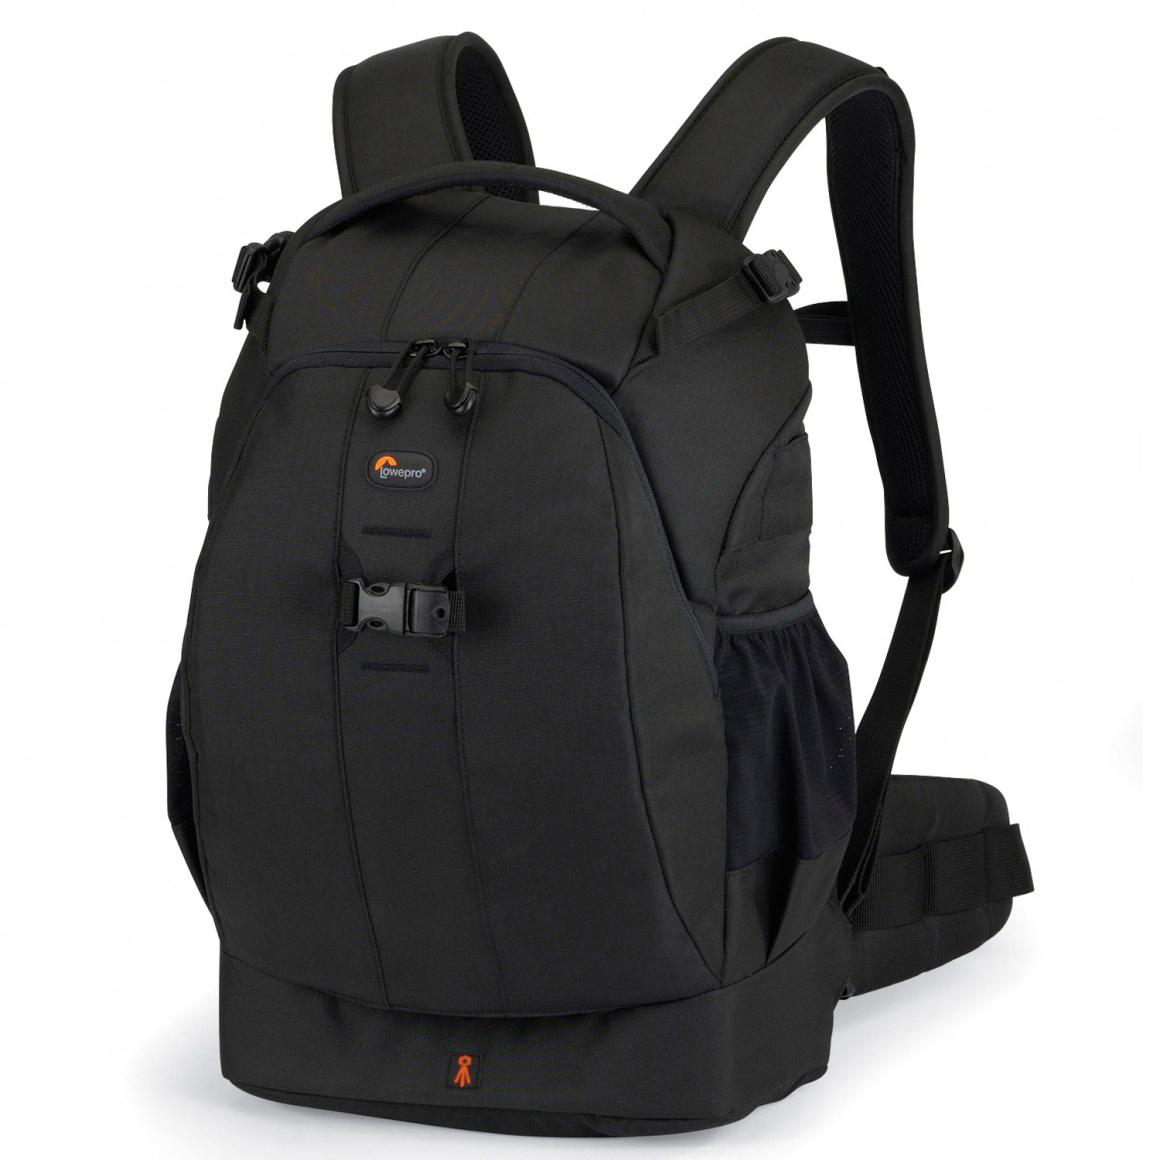 Meilleurs sacs pour appareils photo: LowePro Flipside